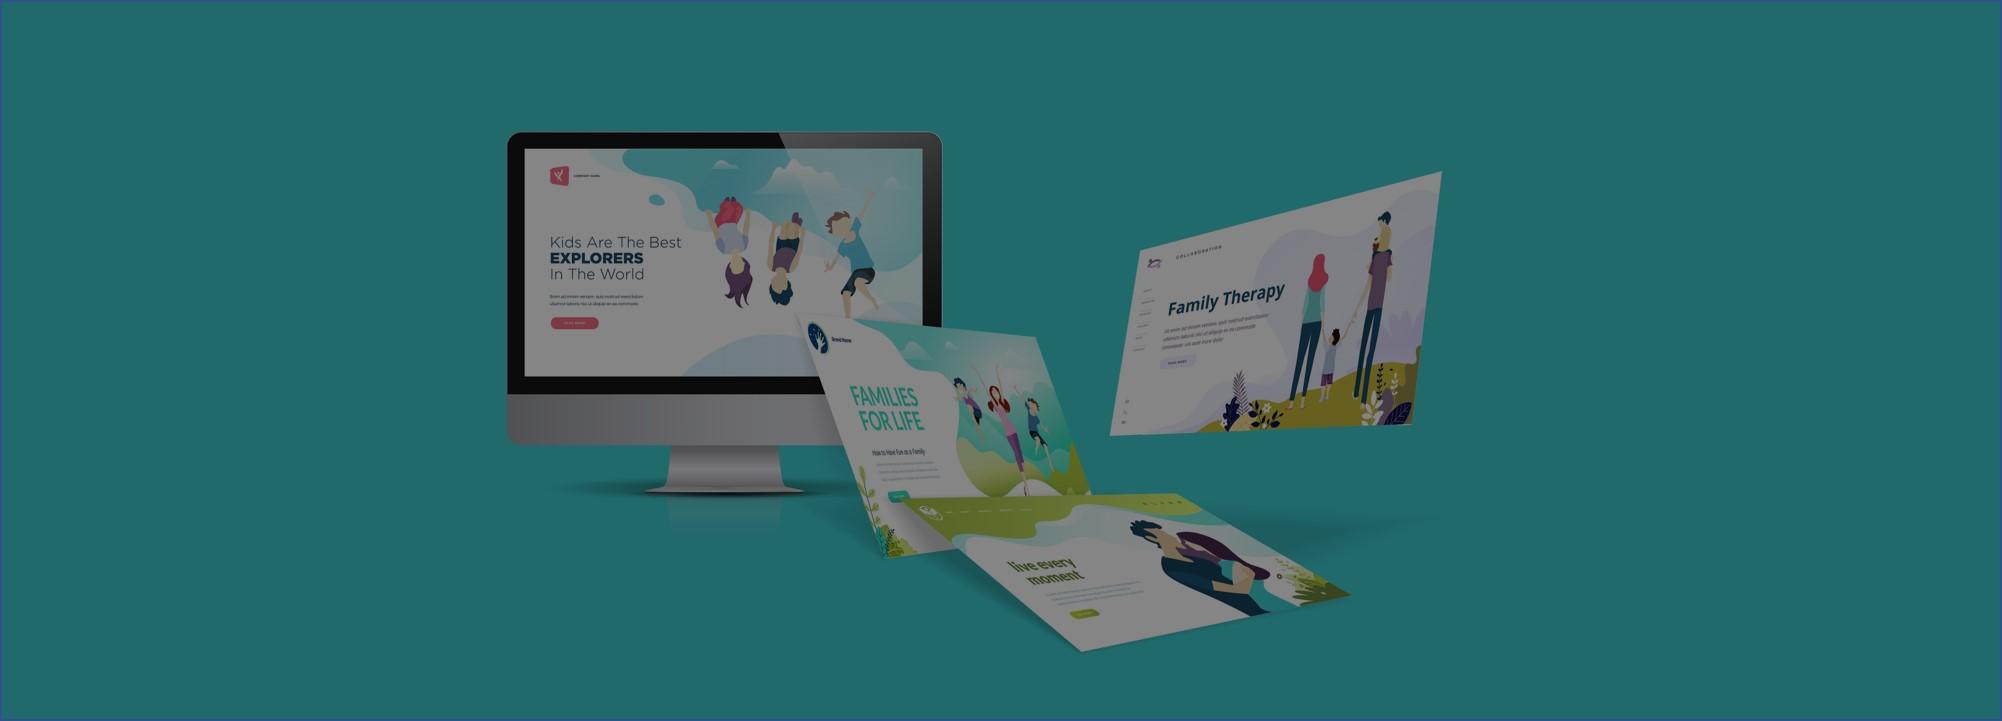 Développement de sites Web personnalisés